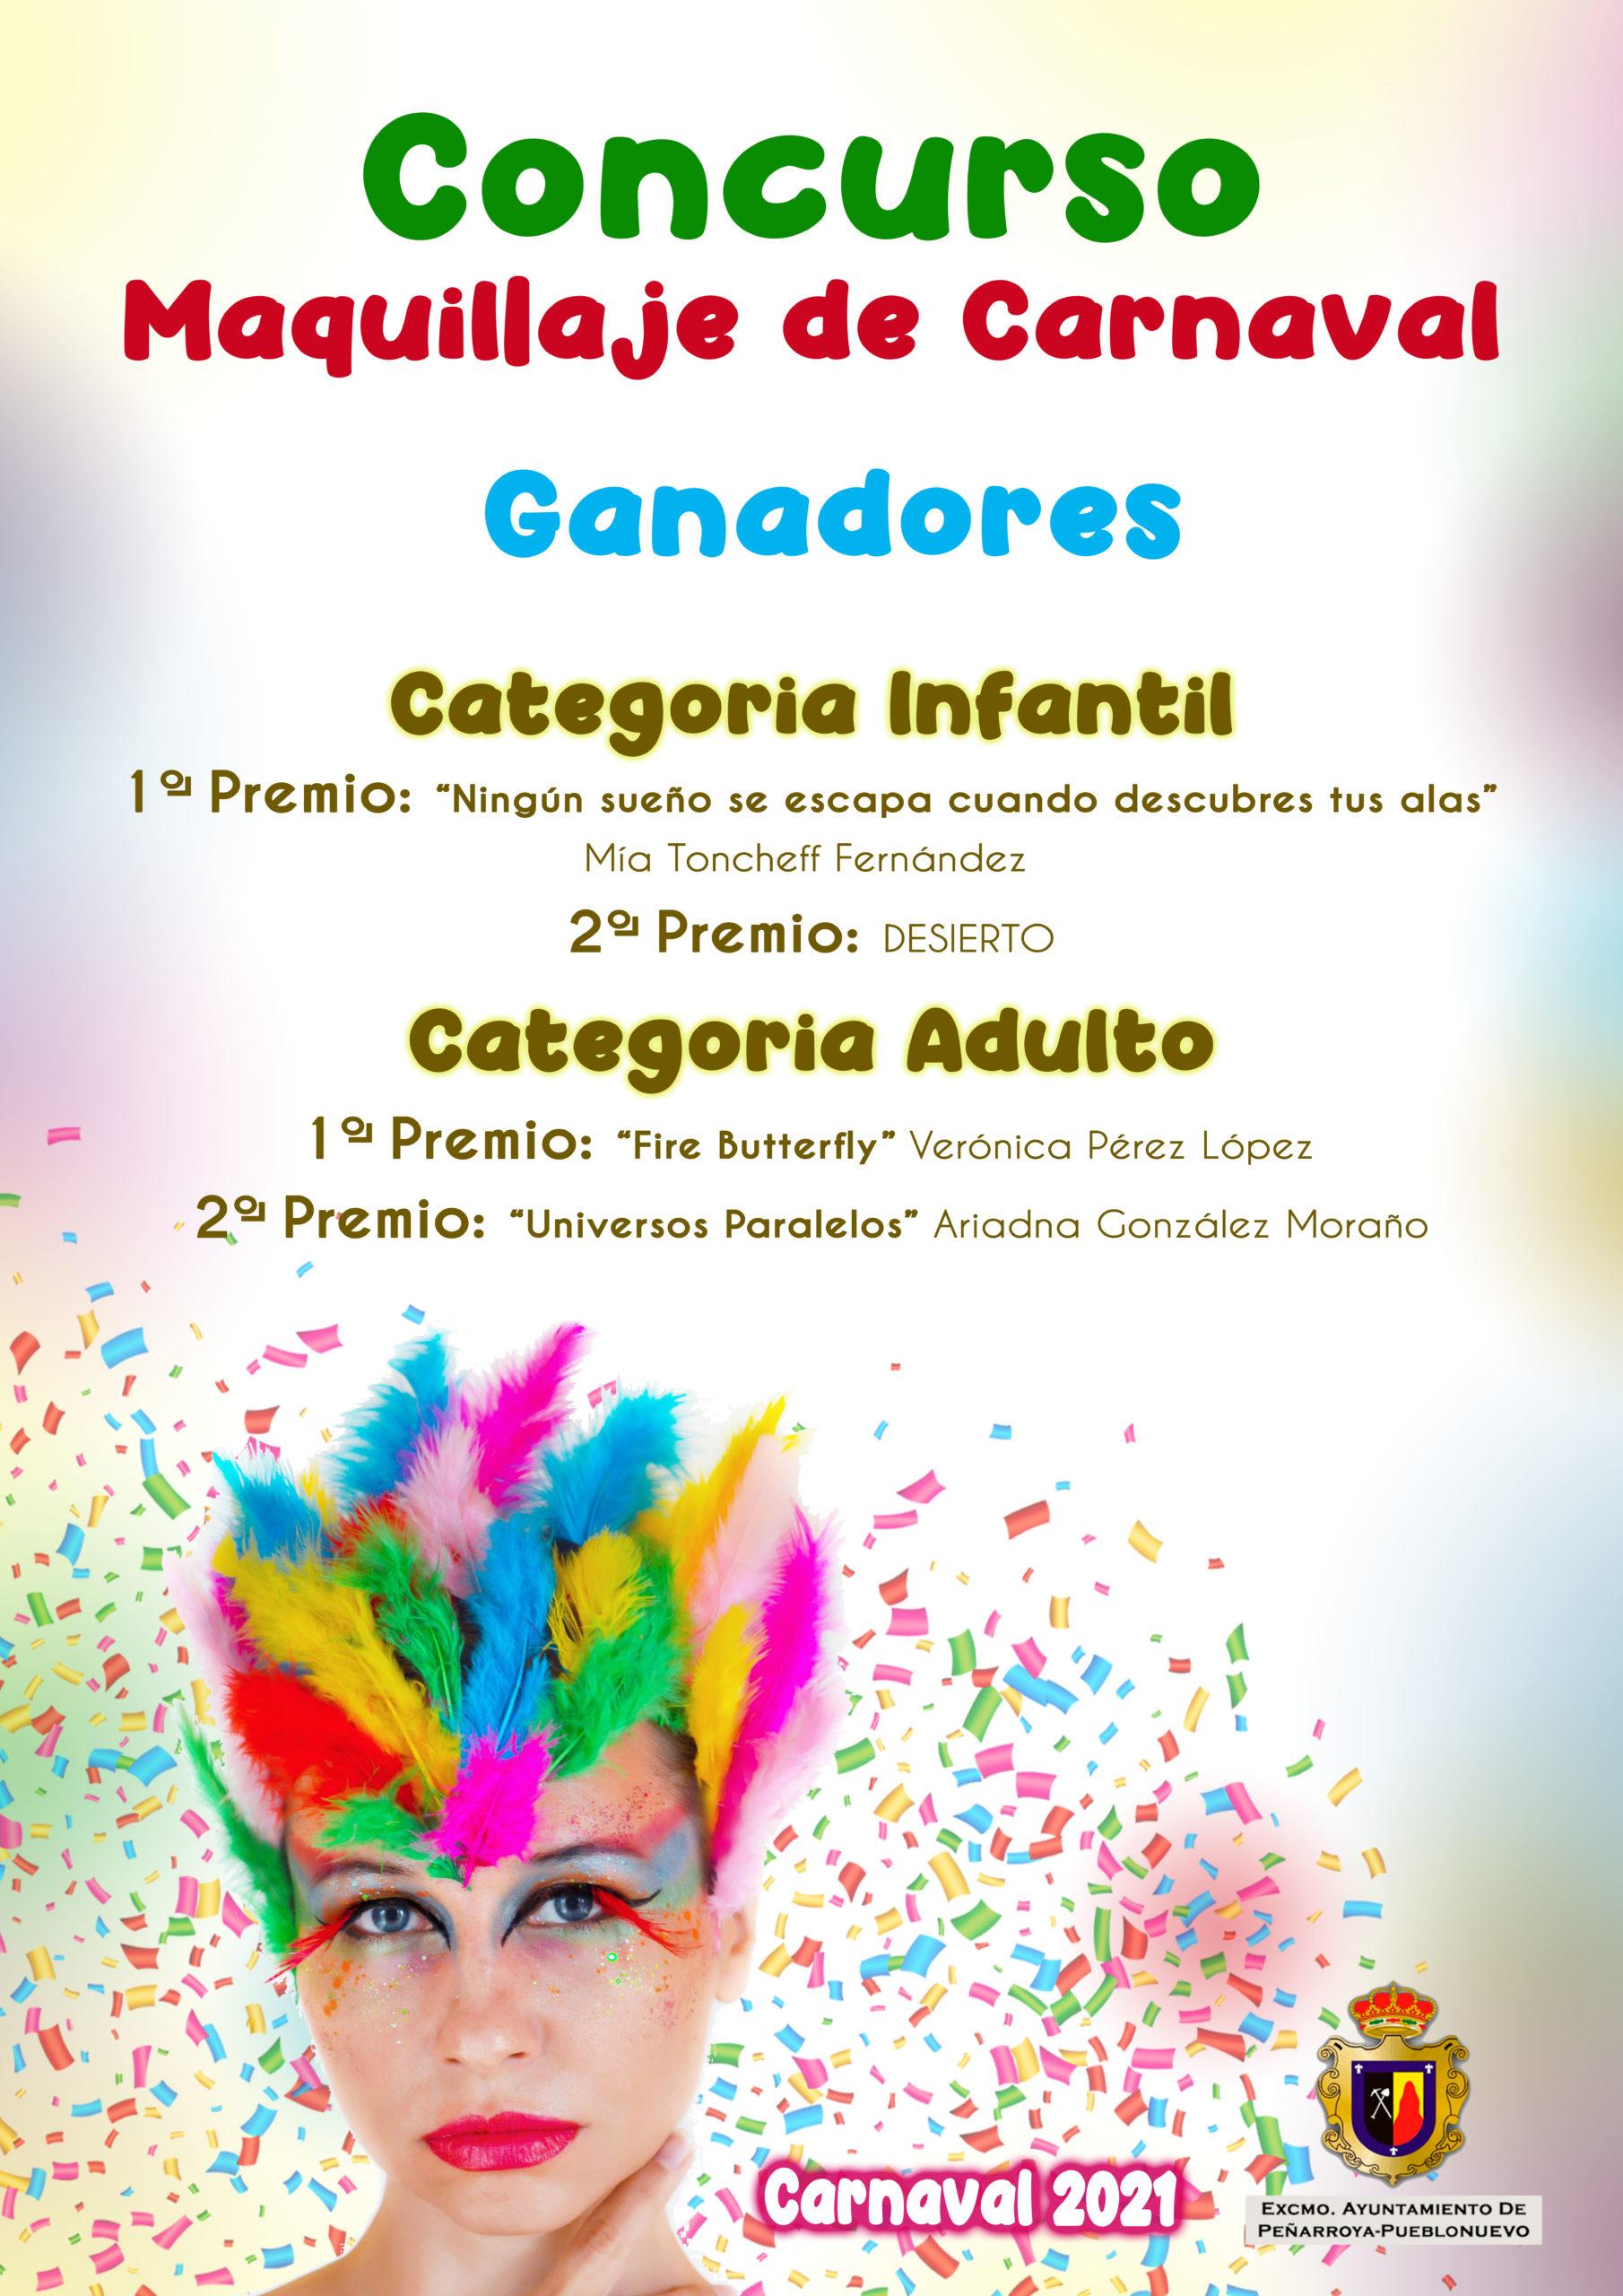 Fallo del Jurado del Concurso de Maquillaje de Carnaval 2021